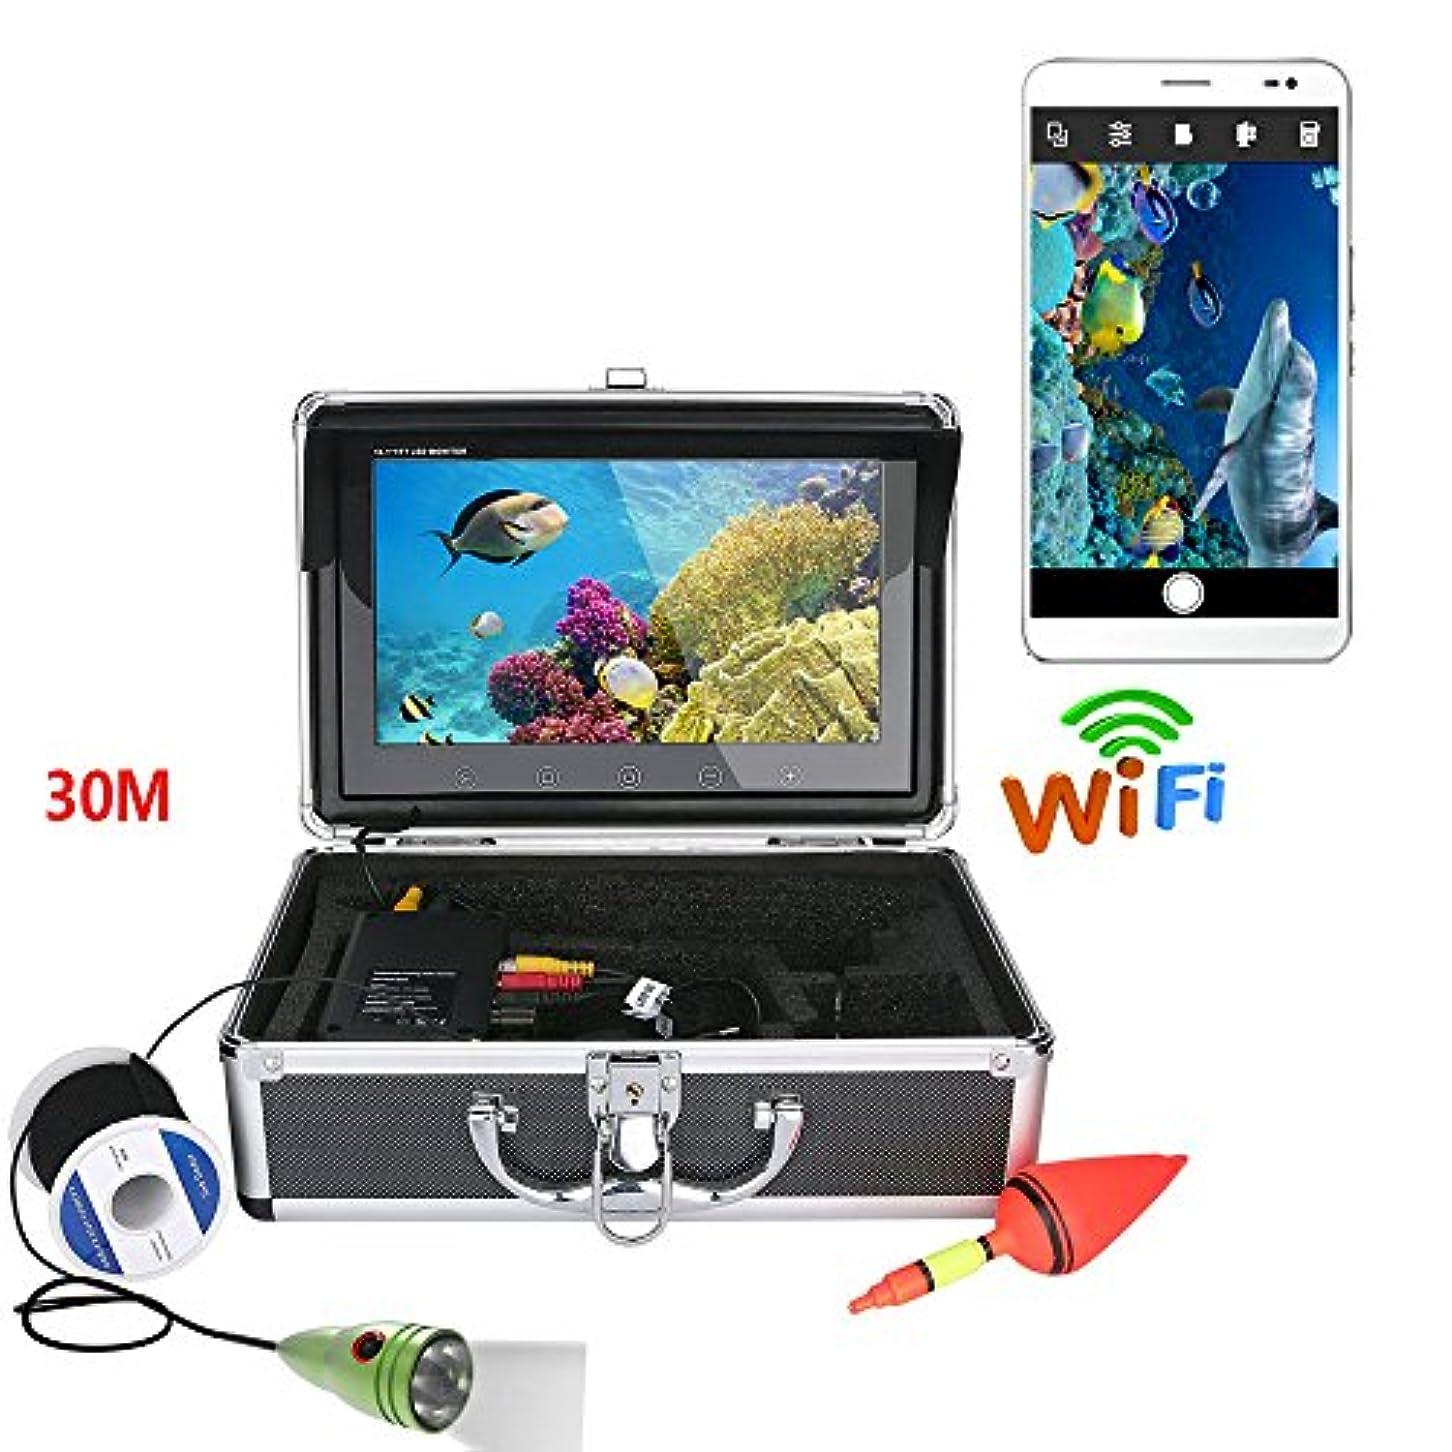 光沢チーズ煙10インチカラーモニター1000tvl水中釣りビデオカメラキットhd wifi用ios android appサポートビデオ記録と写真を撮る,30m